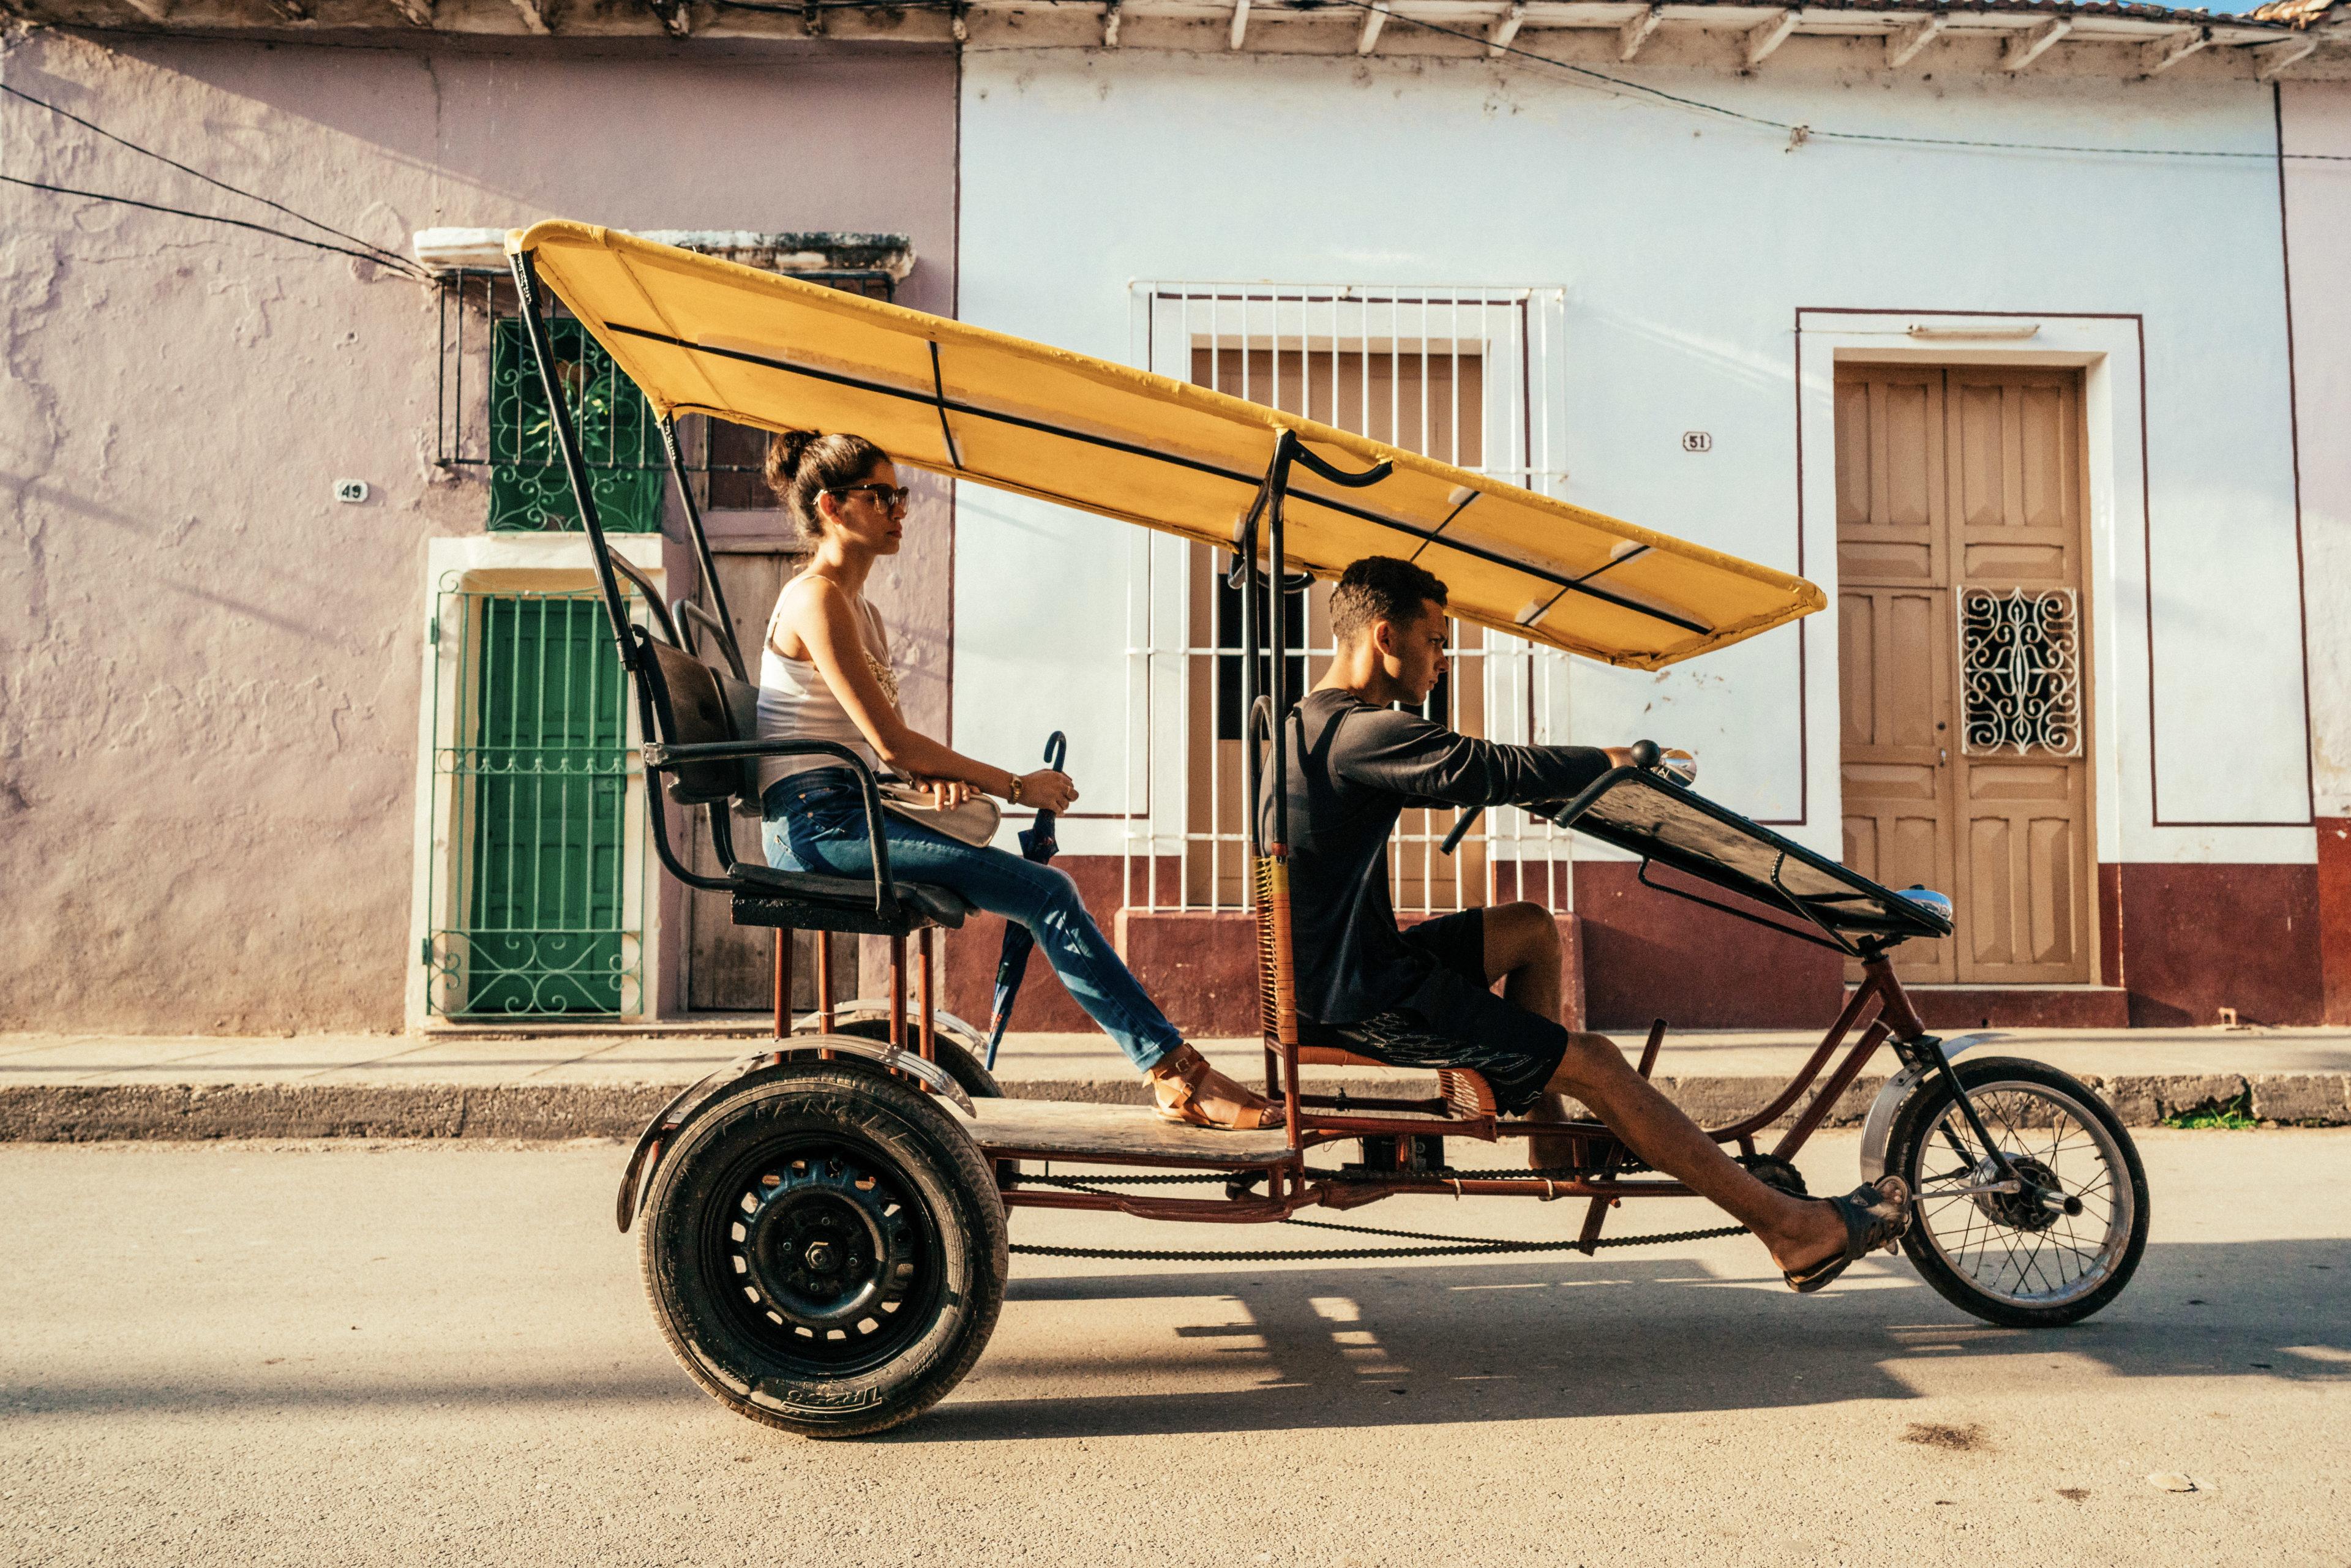 Stadttouren mit dem Fahrradtaxi in Kuba